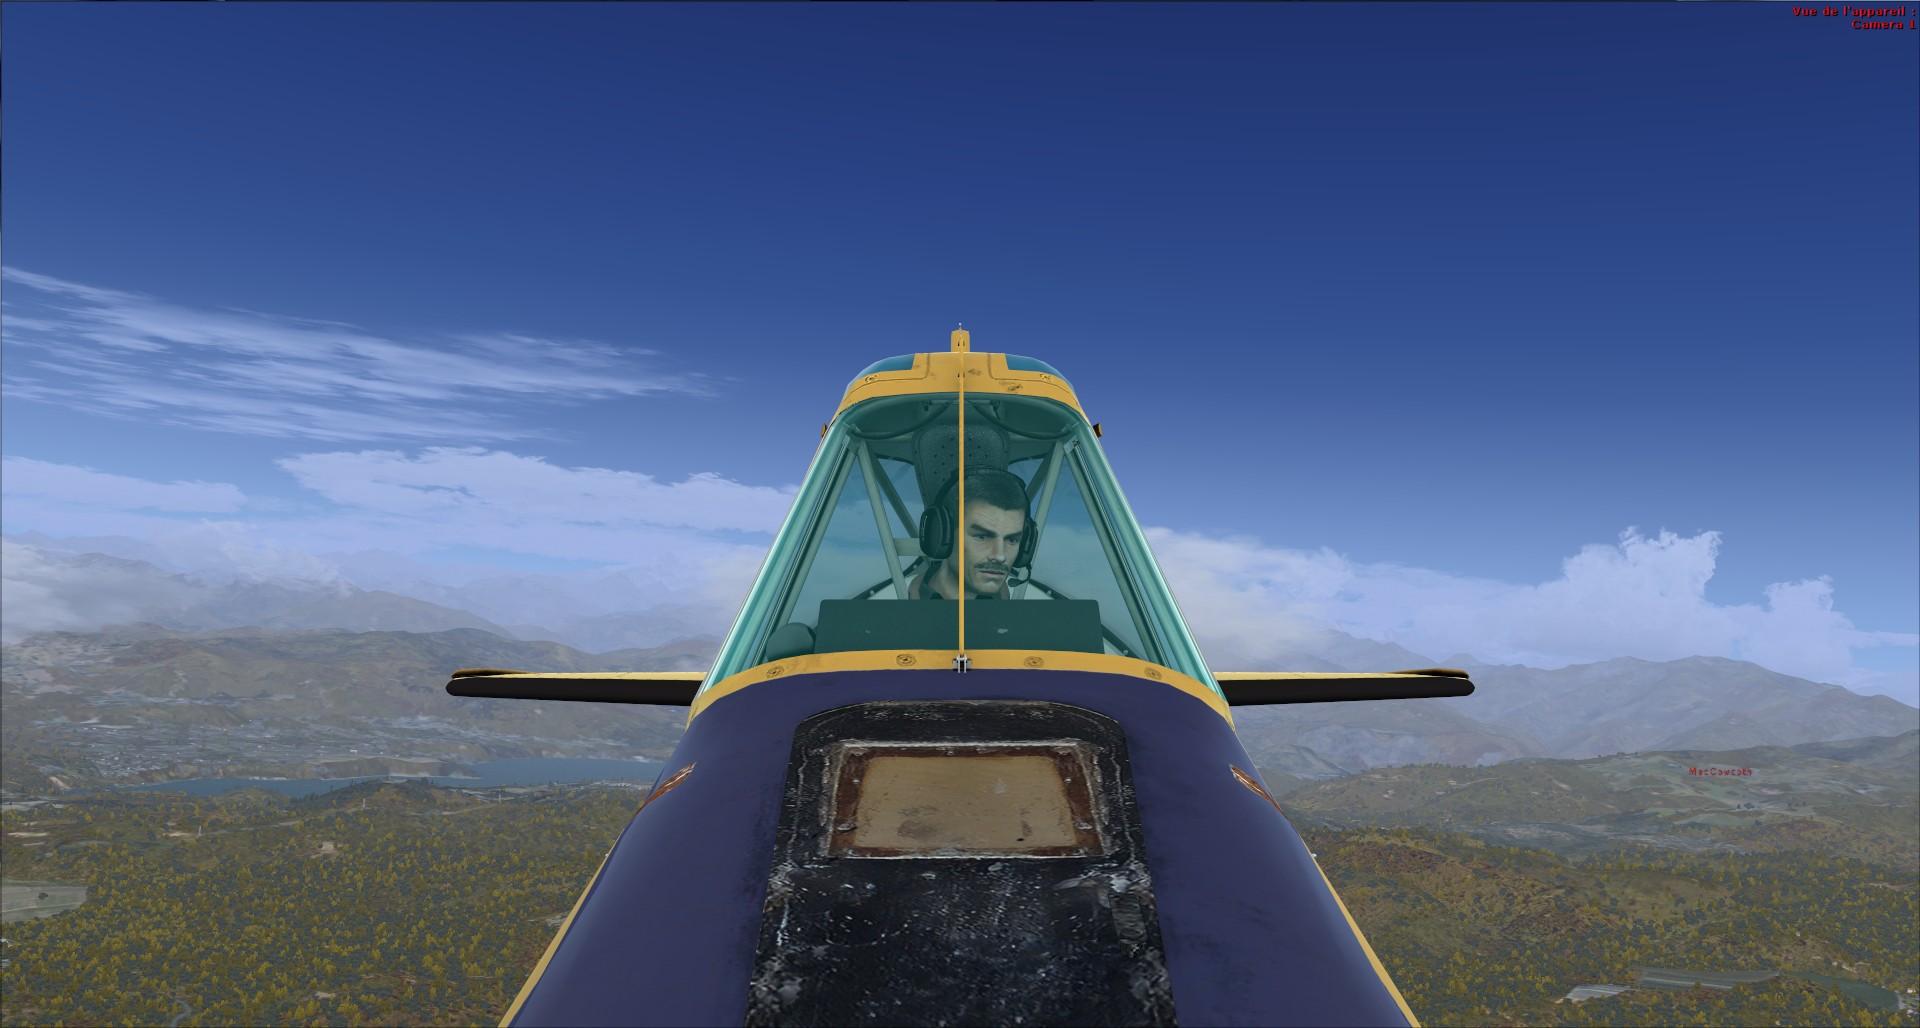 Compte rendu aéroclub. Le passage des alpes 2014-910